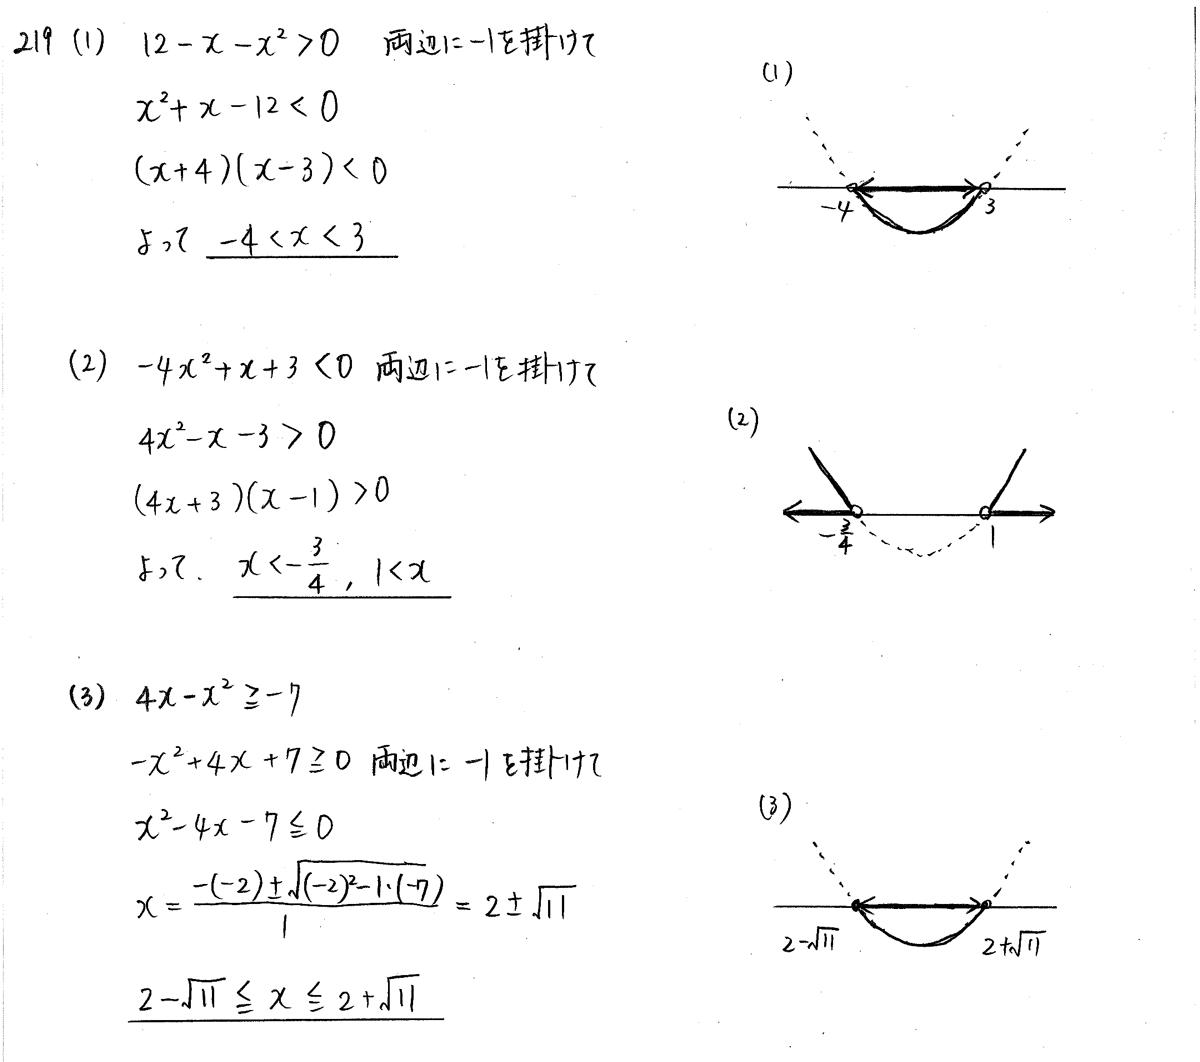 クリアー数学1-219解答